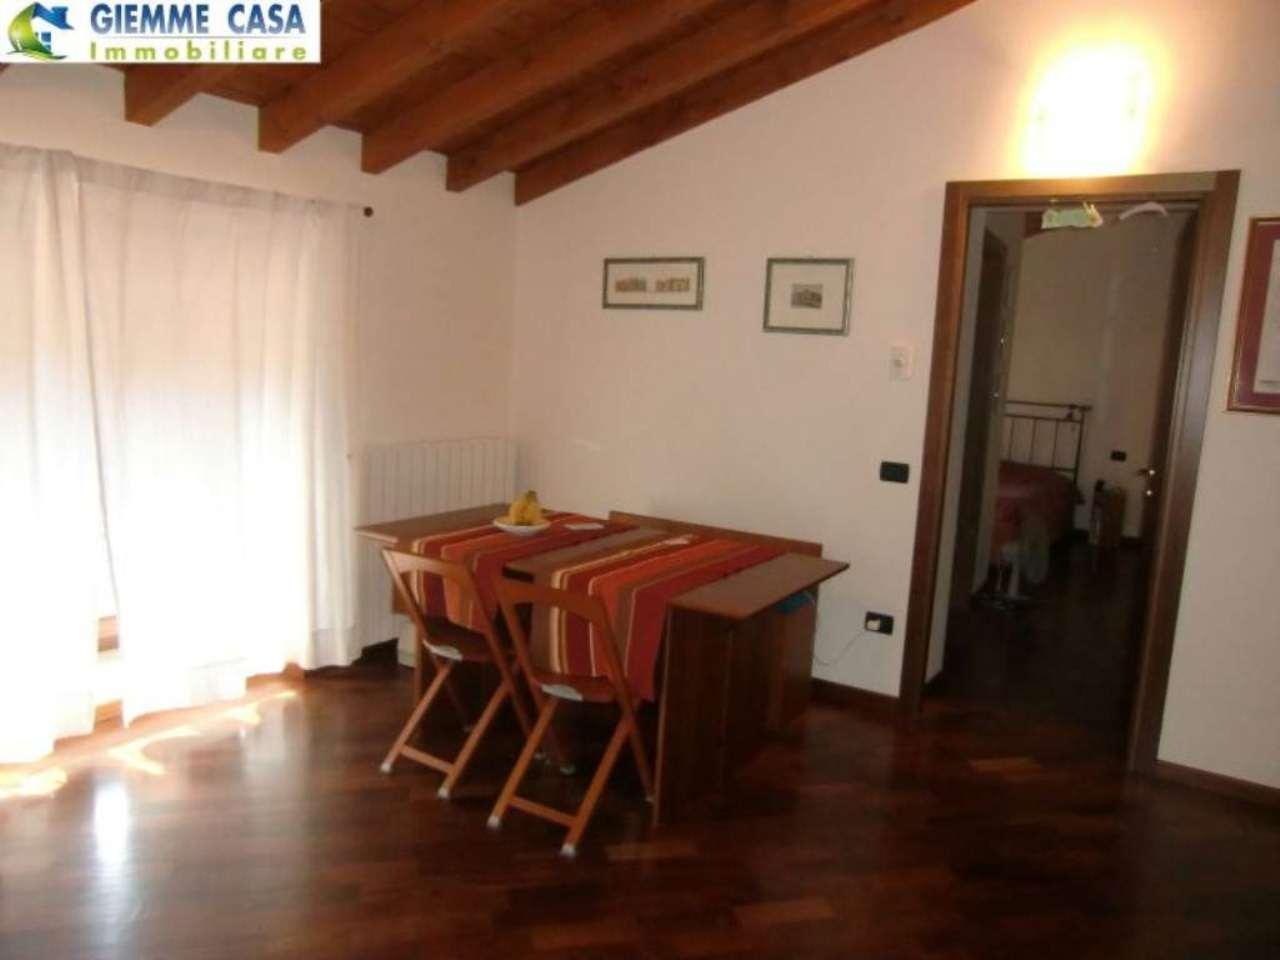 Bilocale Lonato Del Garda Via Montebello 3